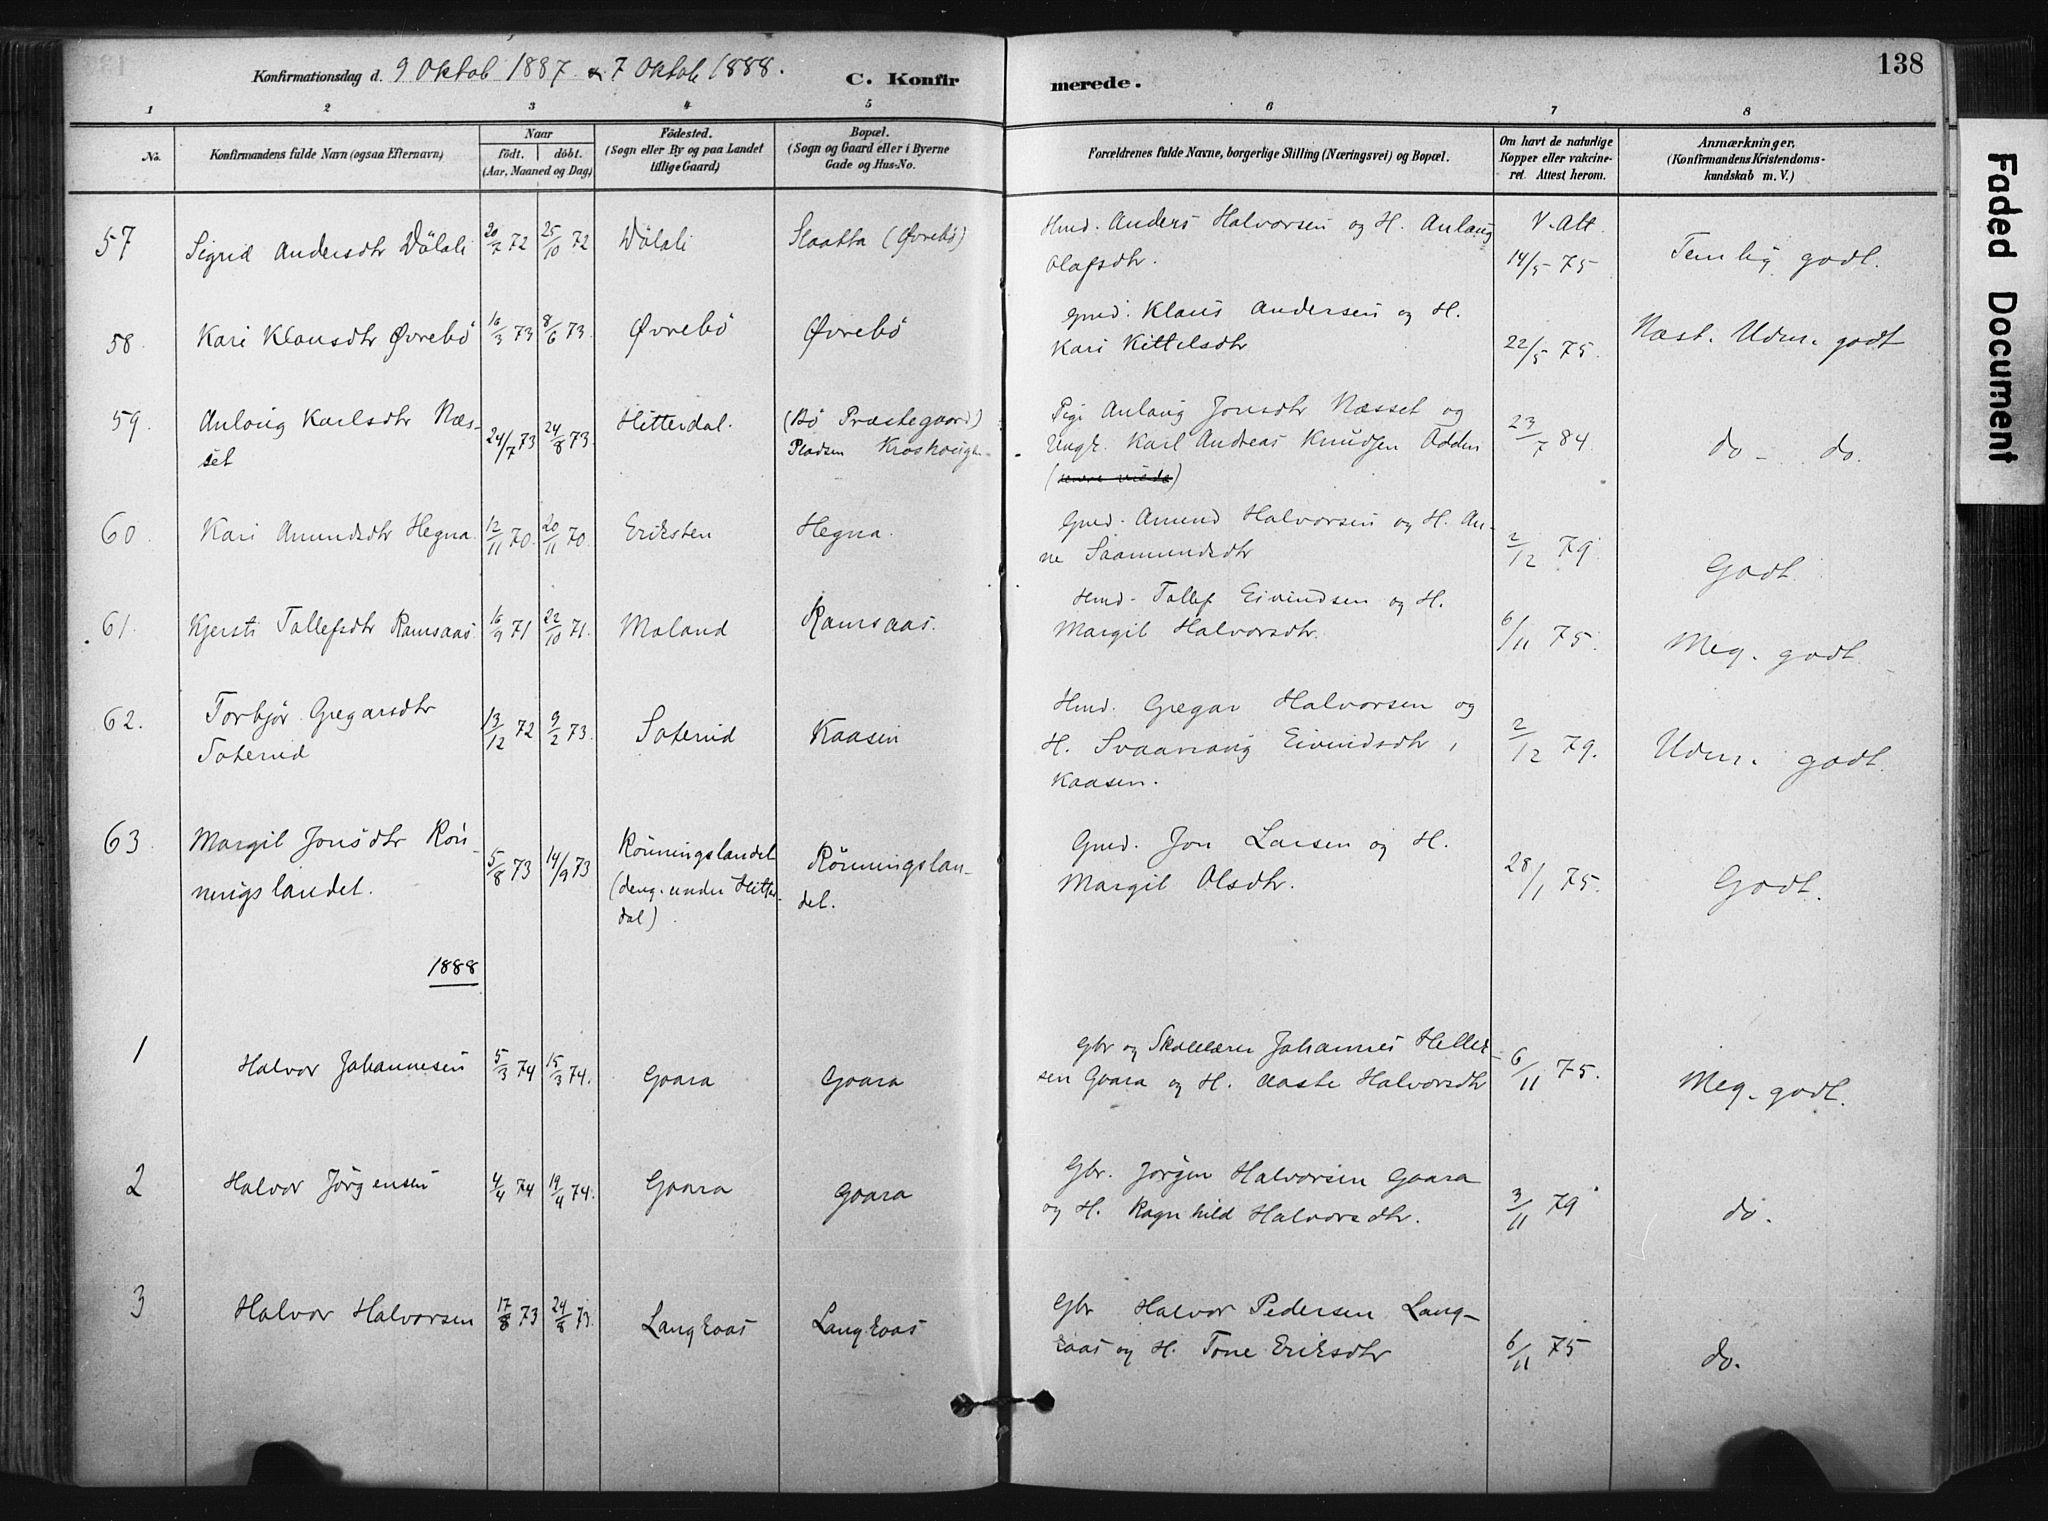 SAKO, Bø kirkebøker, F/Fa/L0010: Ministerialbok nr. 10, 1880-1892, s. 138